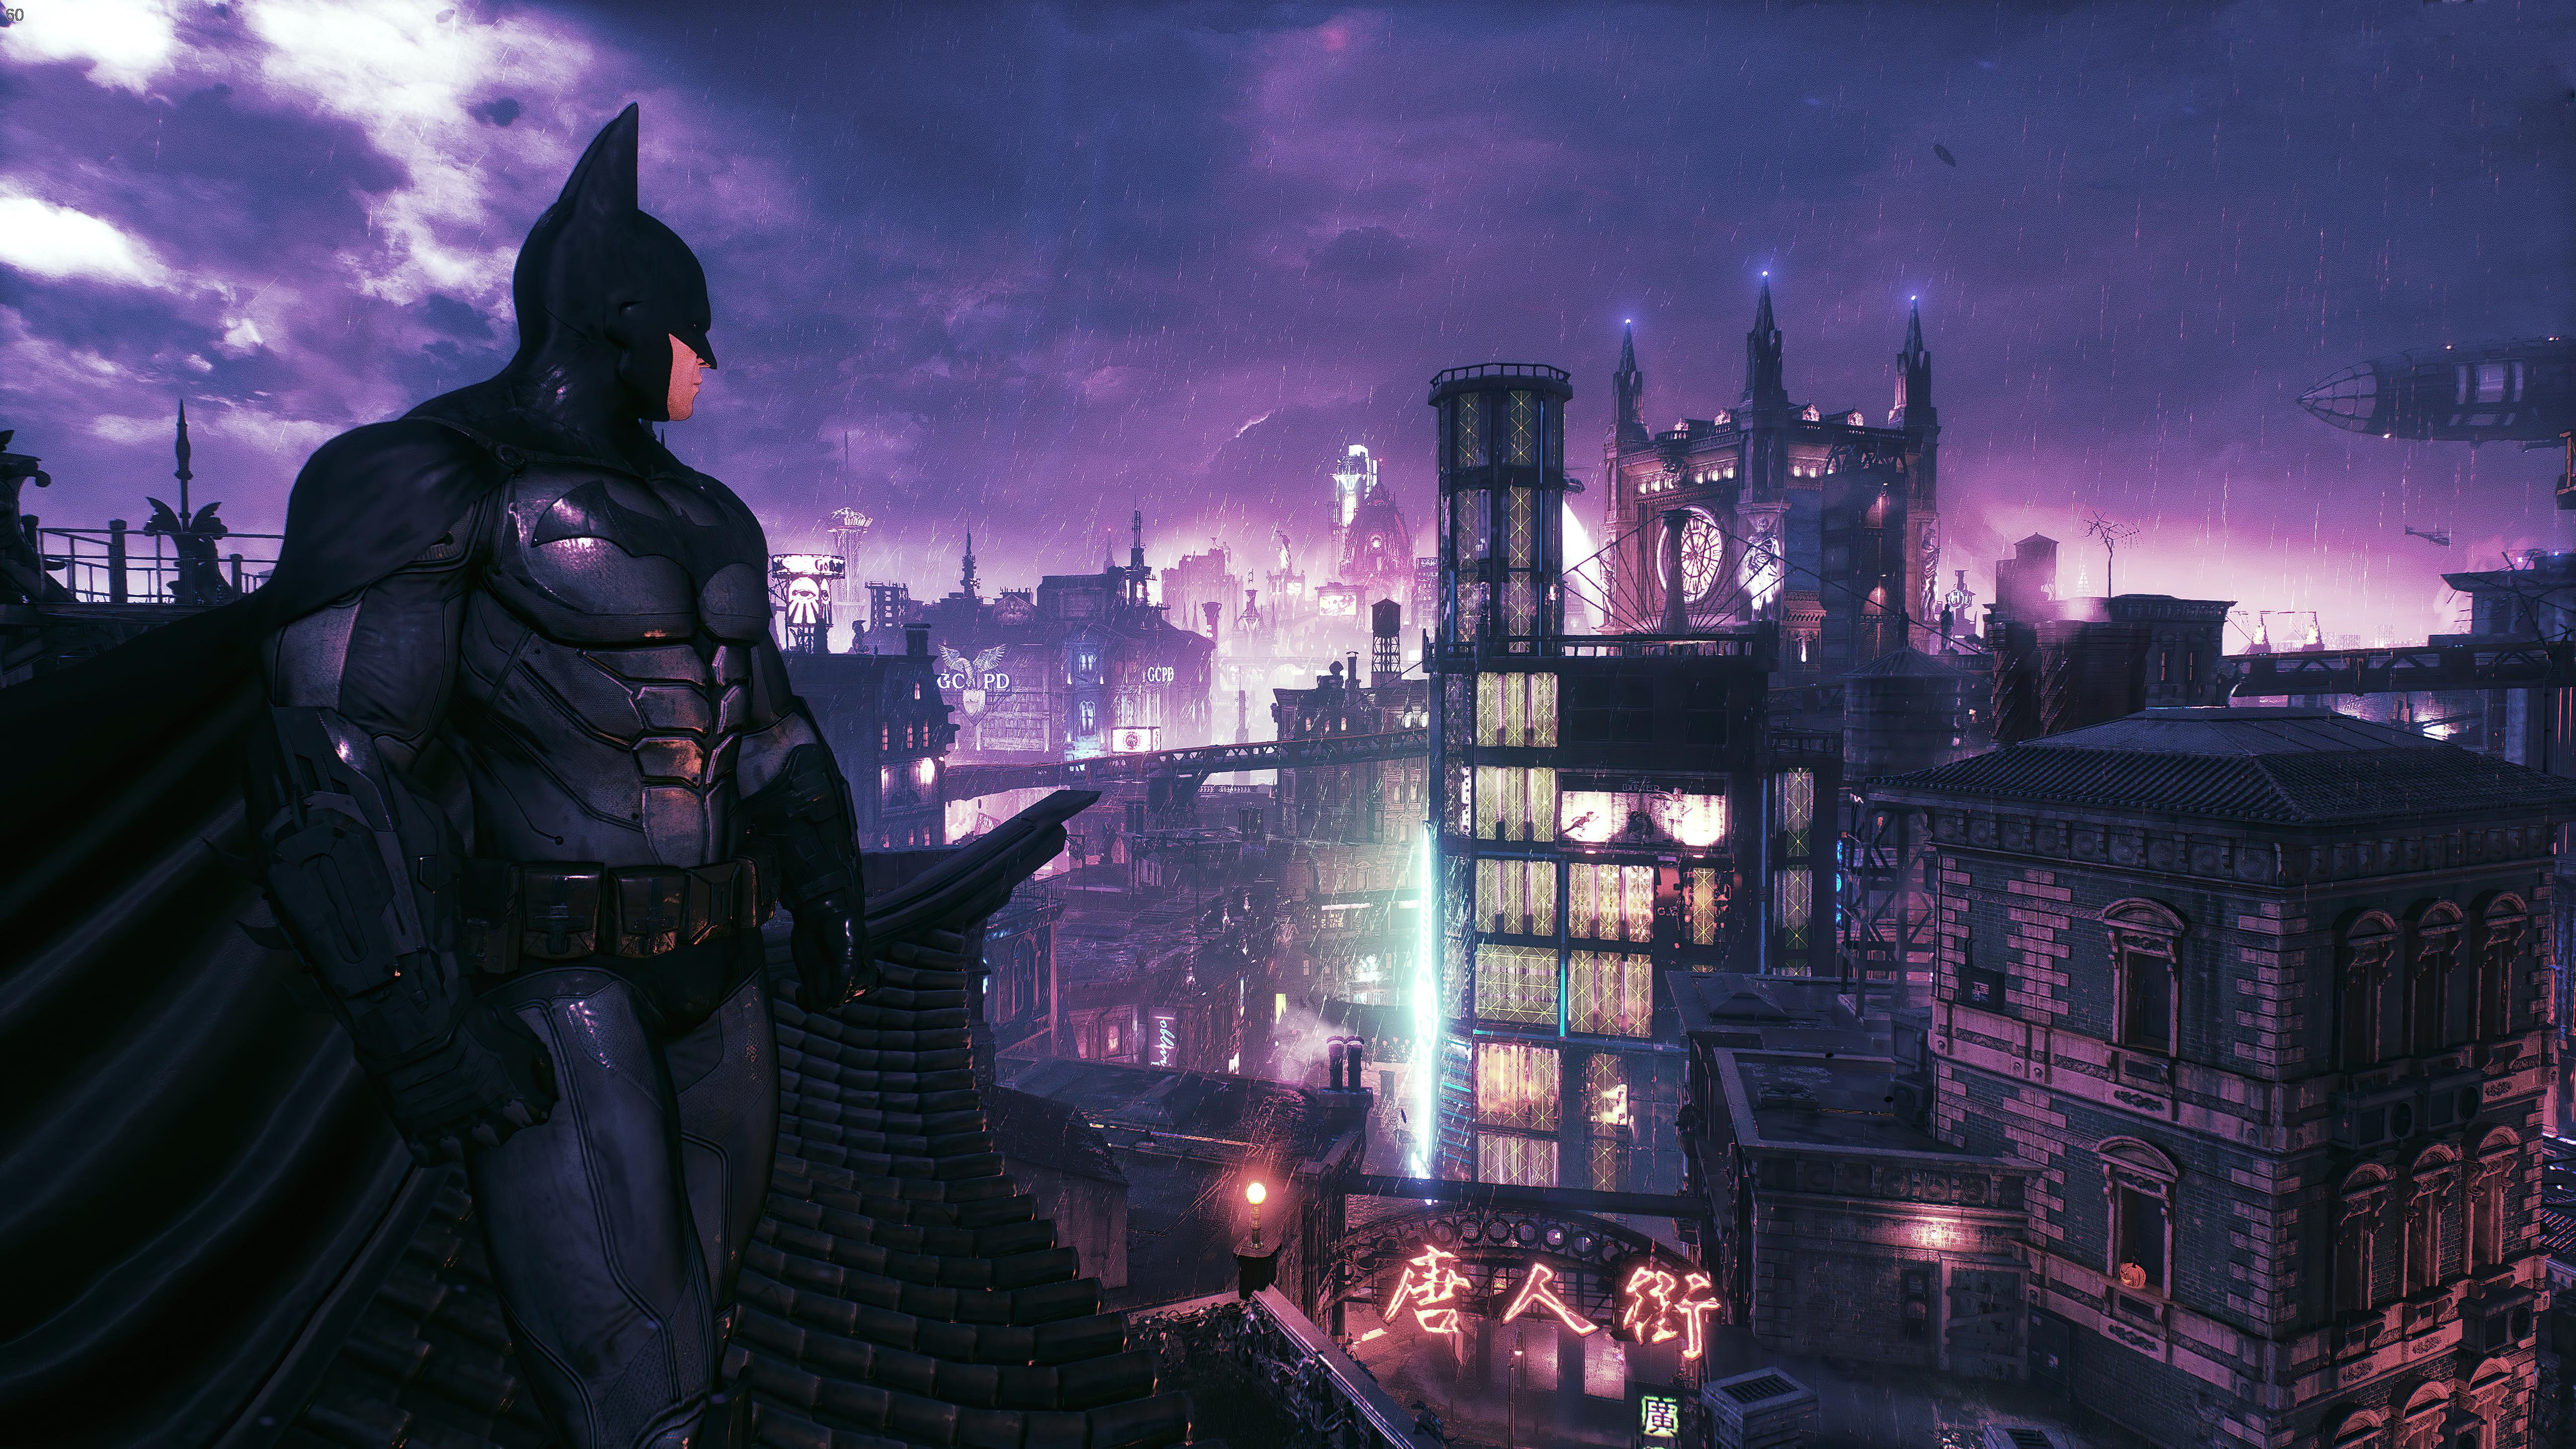 Fondos de pantalla Batman mirando la ciudad